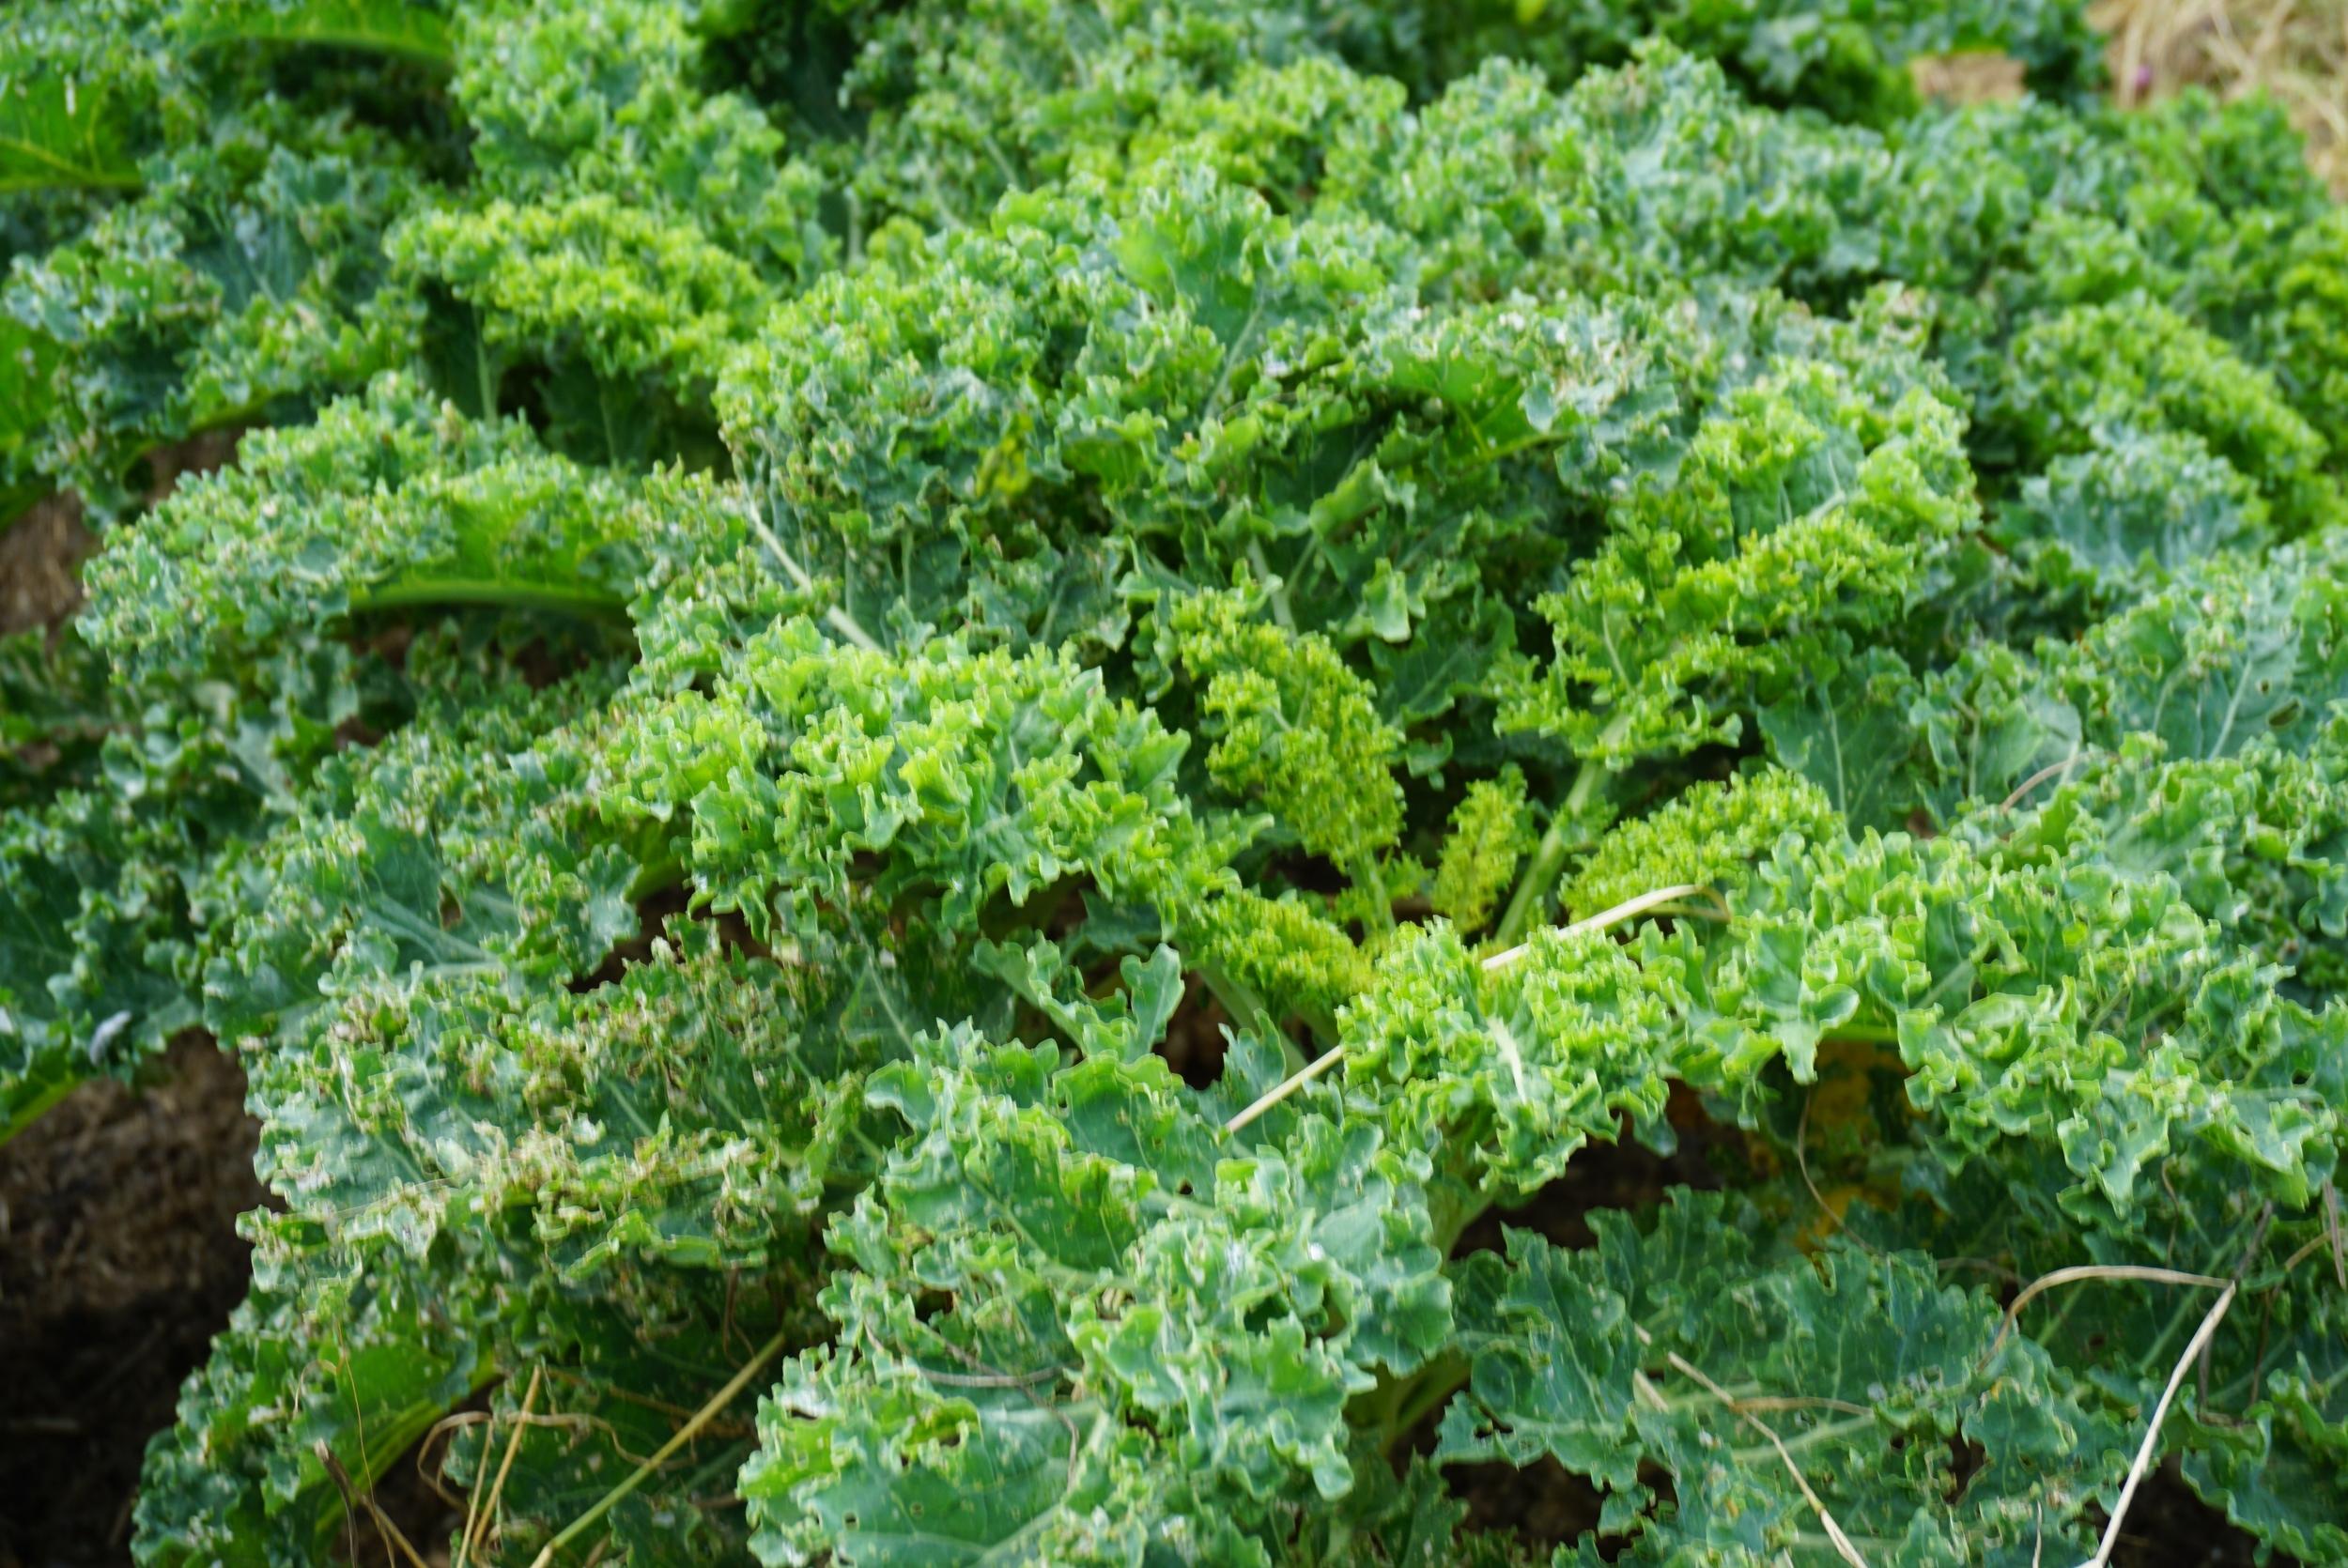 Grønnkålen har kommet seg etter mye grønnsåpevask. (Noen ganger grønnsåpe, olje, bakepulver eller grønnsåpe og aske).